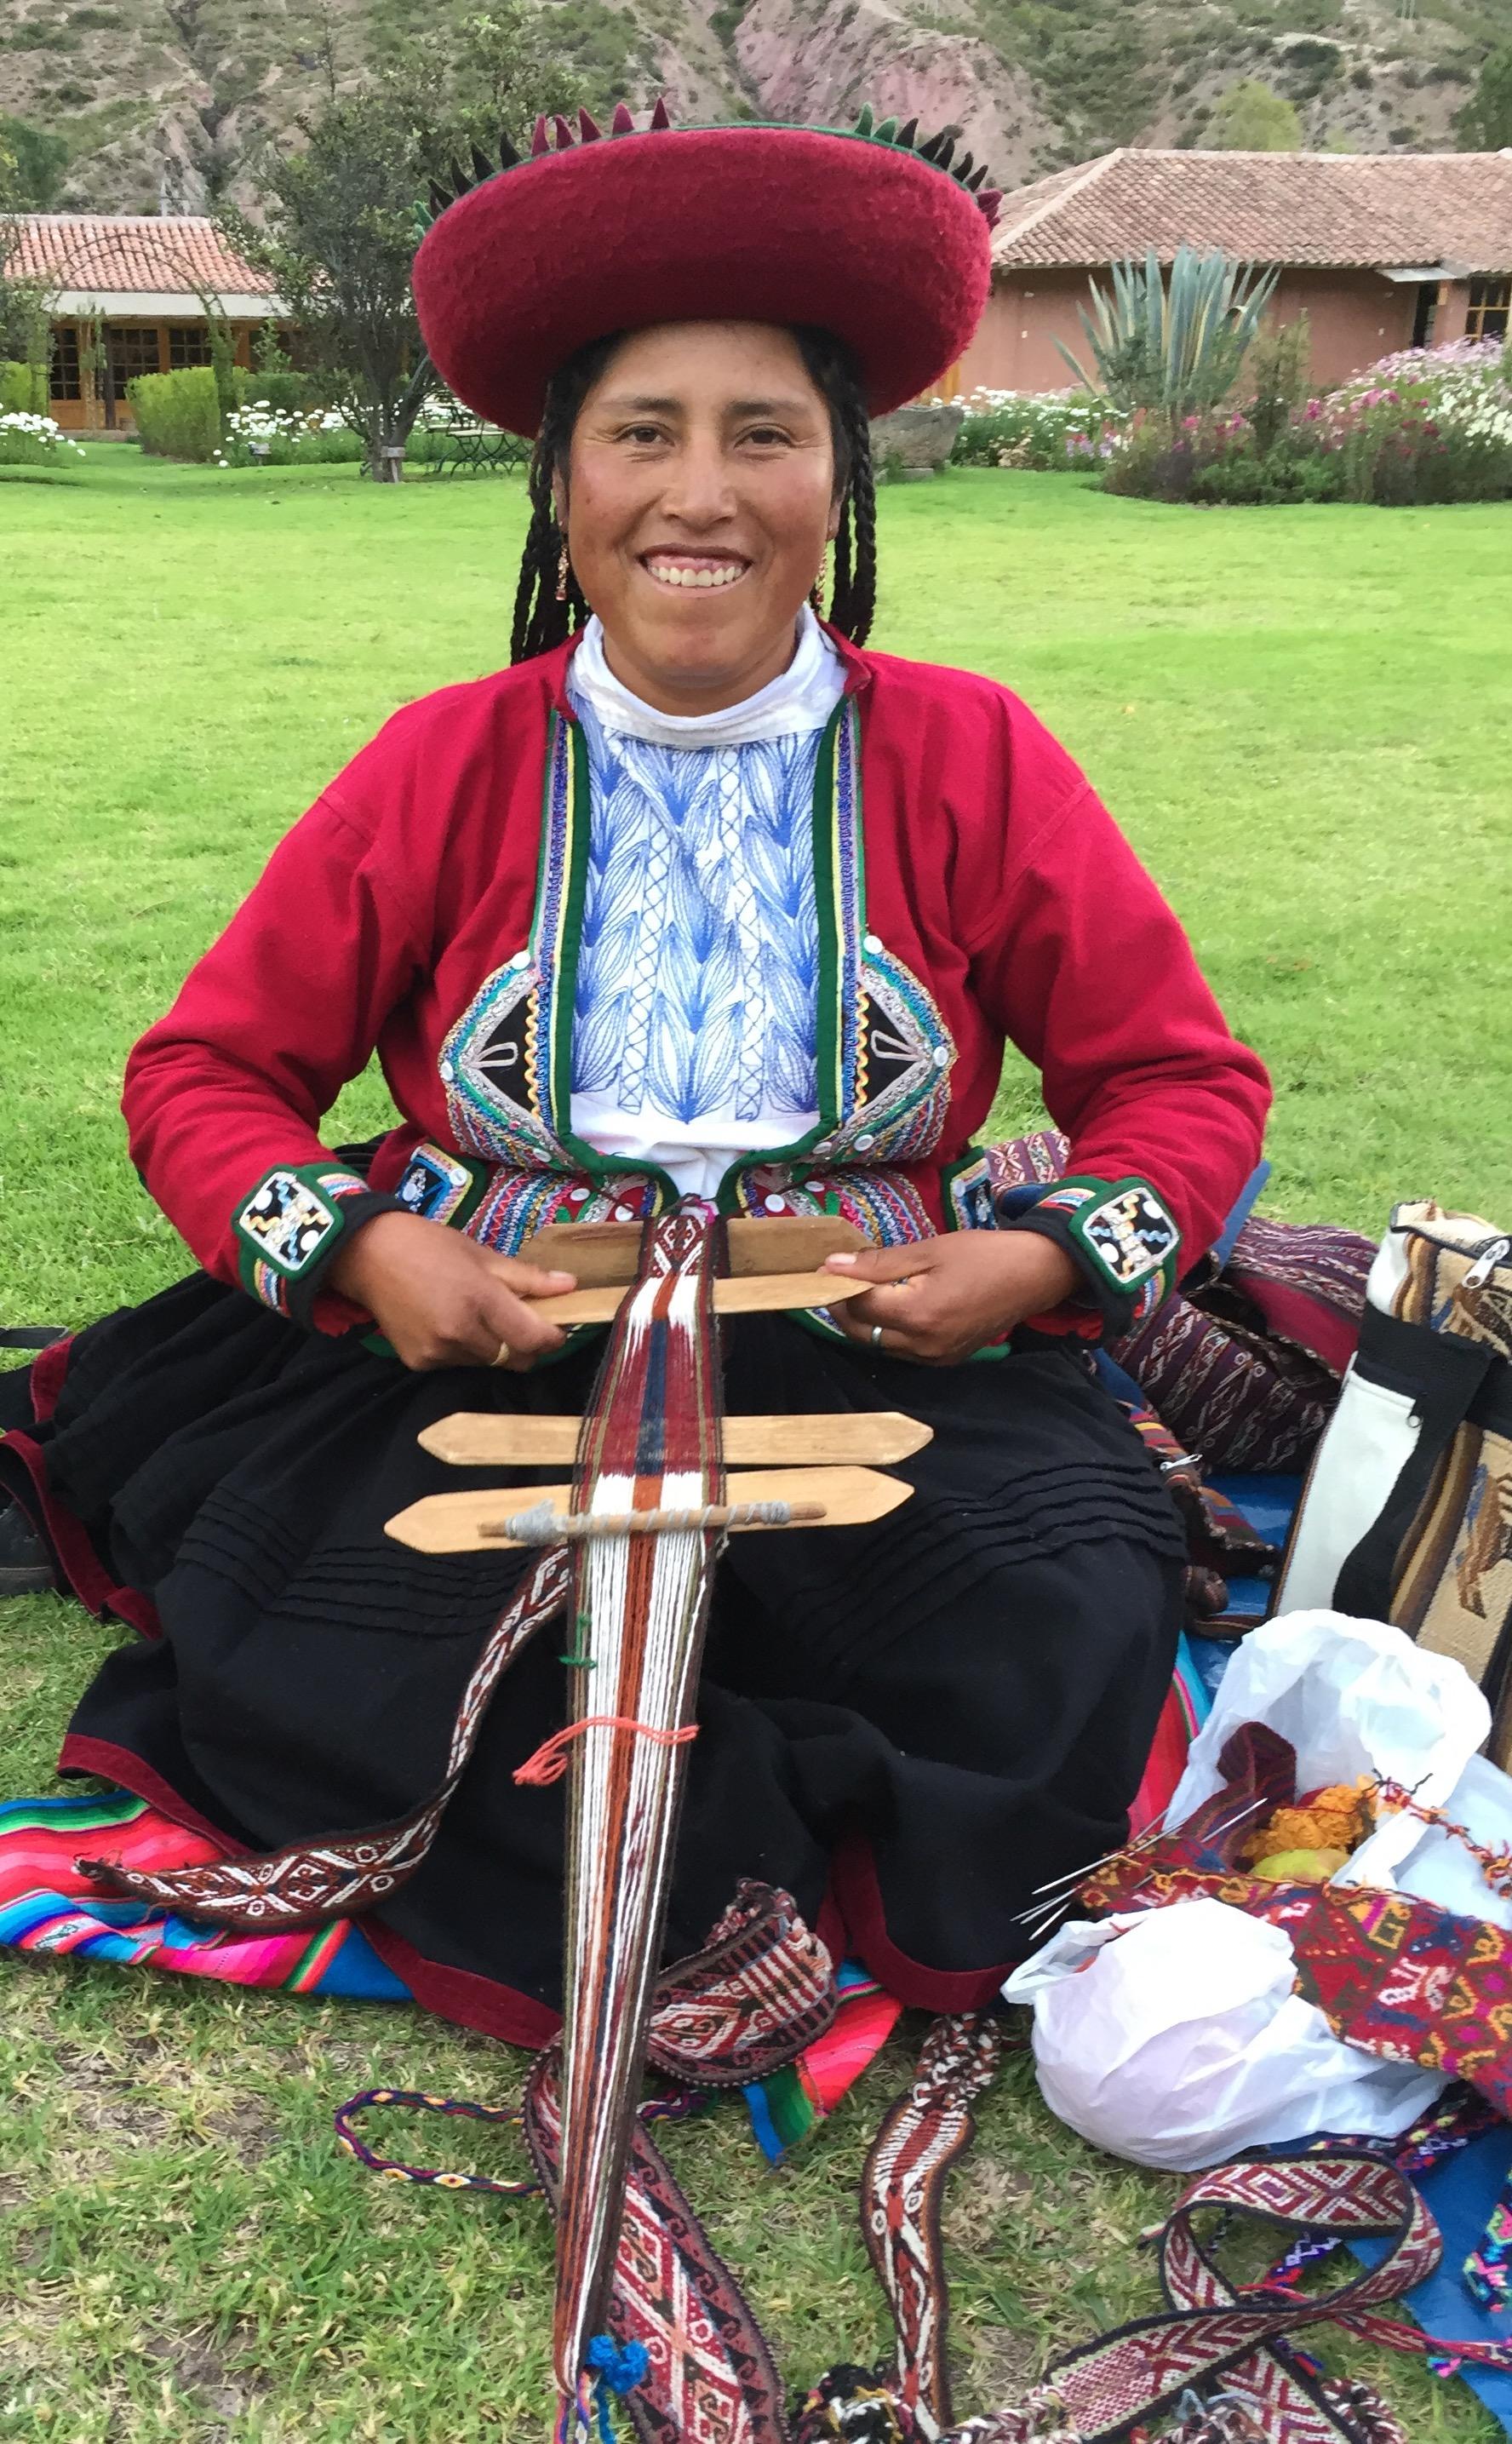 Denne kvinnen, som jeg møtte i hotellhagen i Yucay, har festet veven i bakken med en pinne.